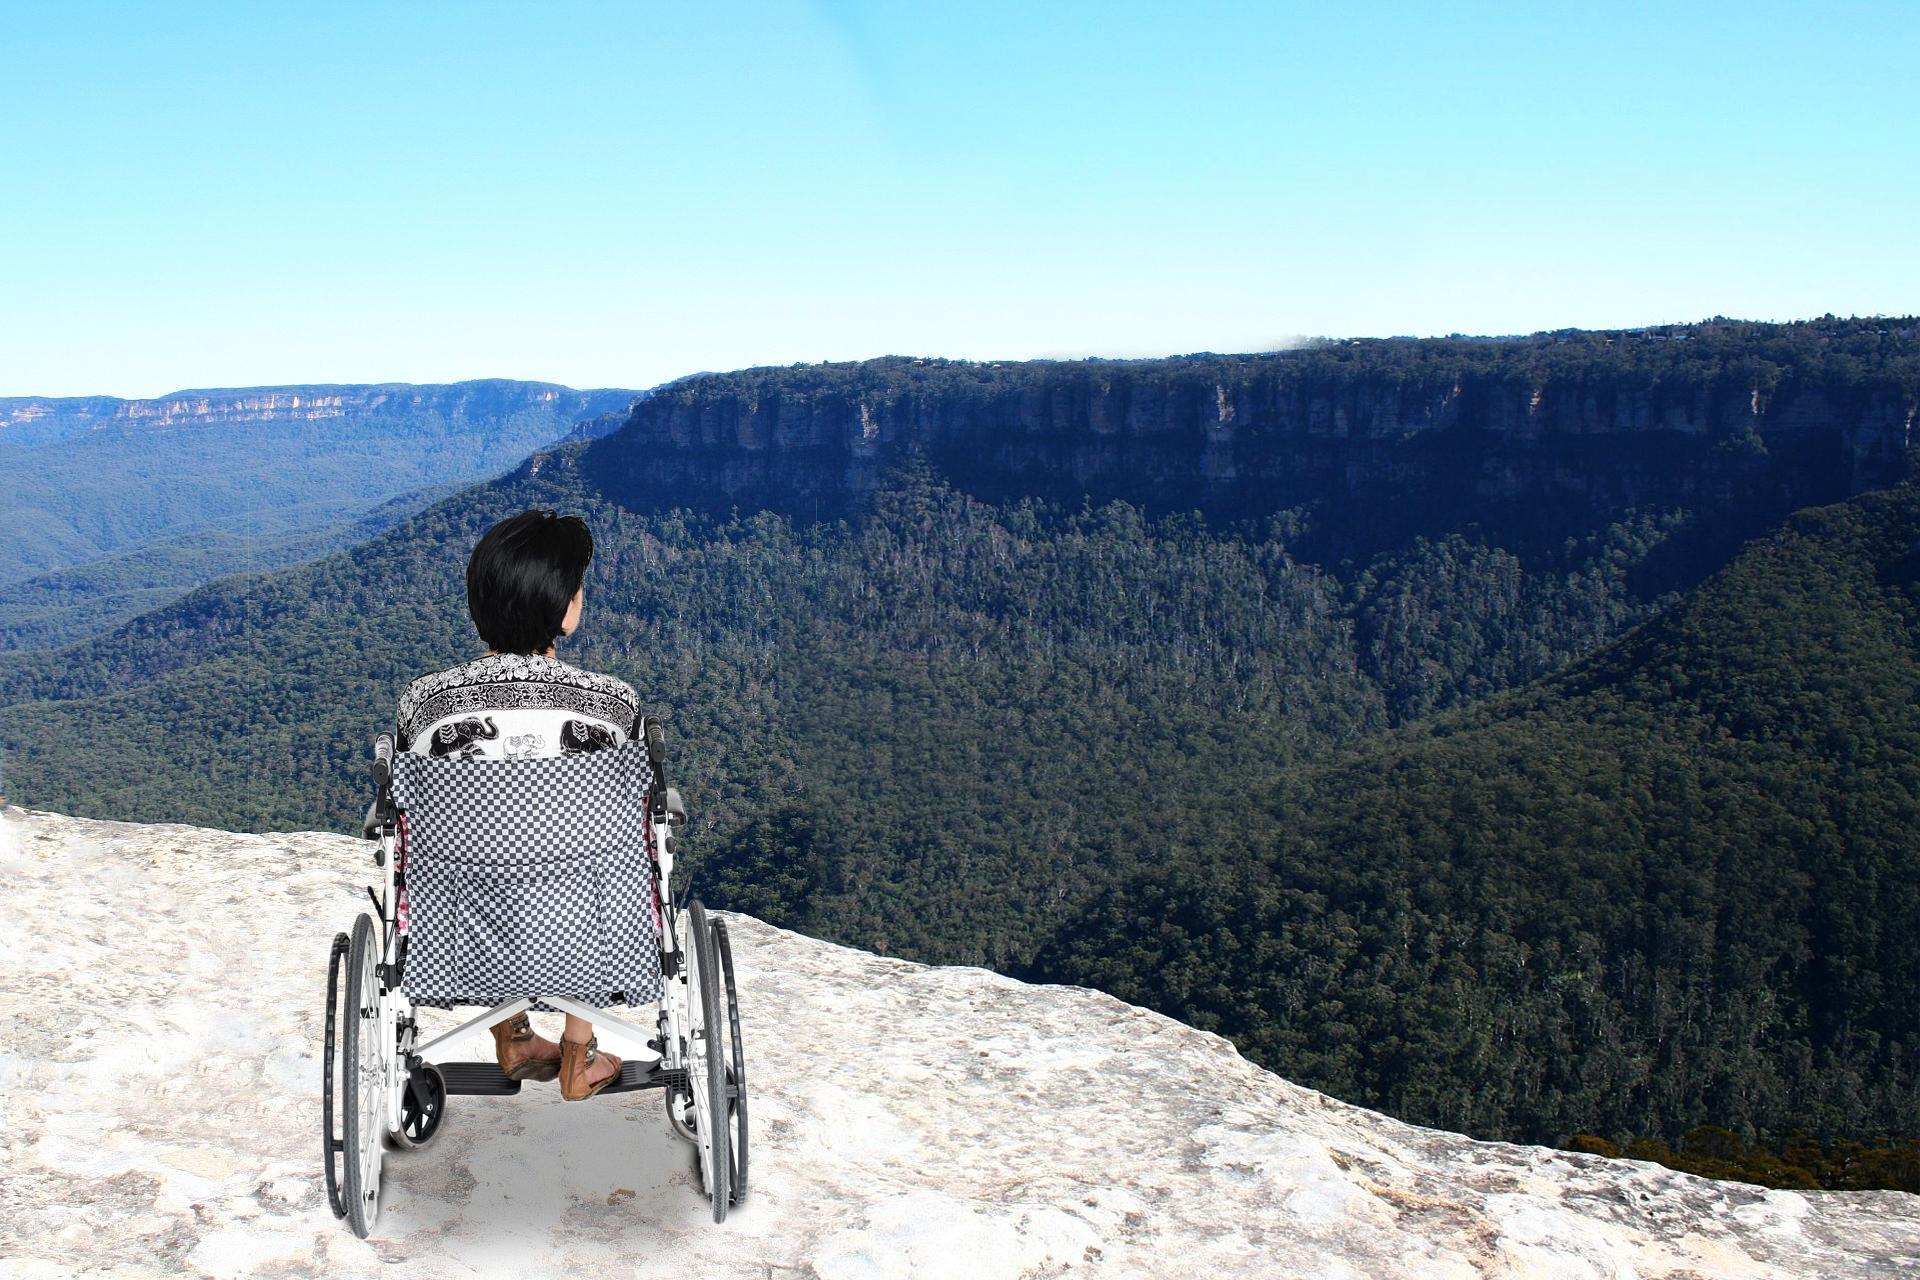 wheelchait traveller in blue mountains